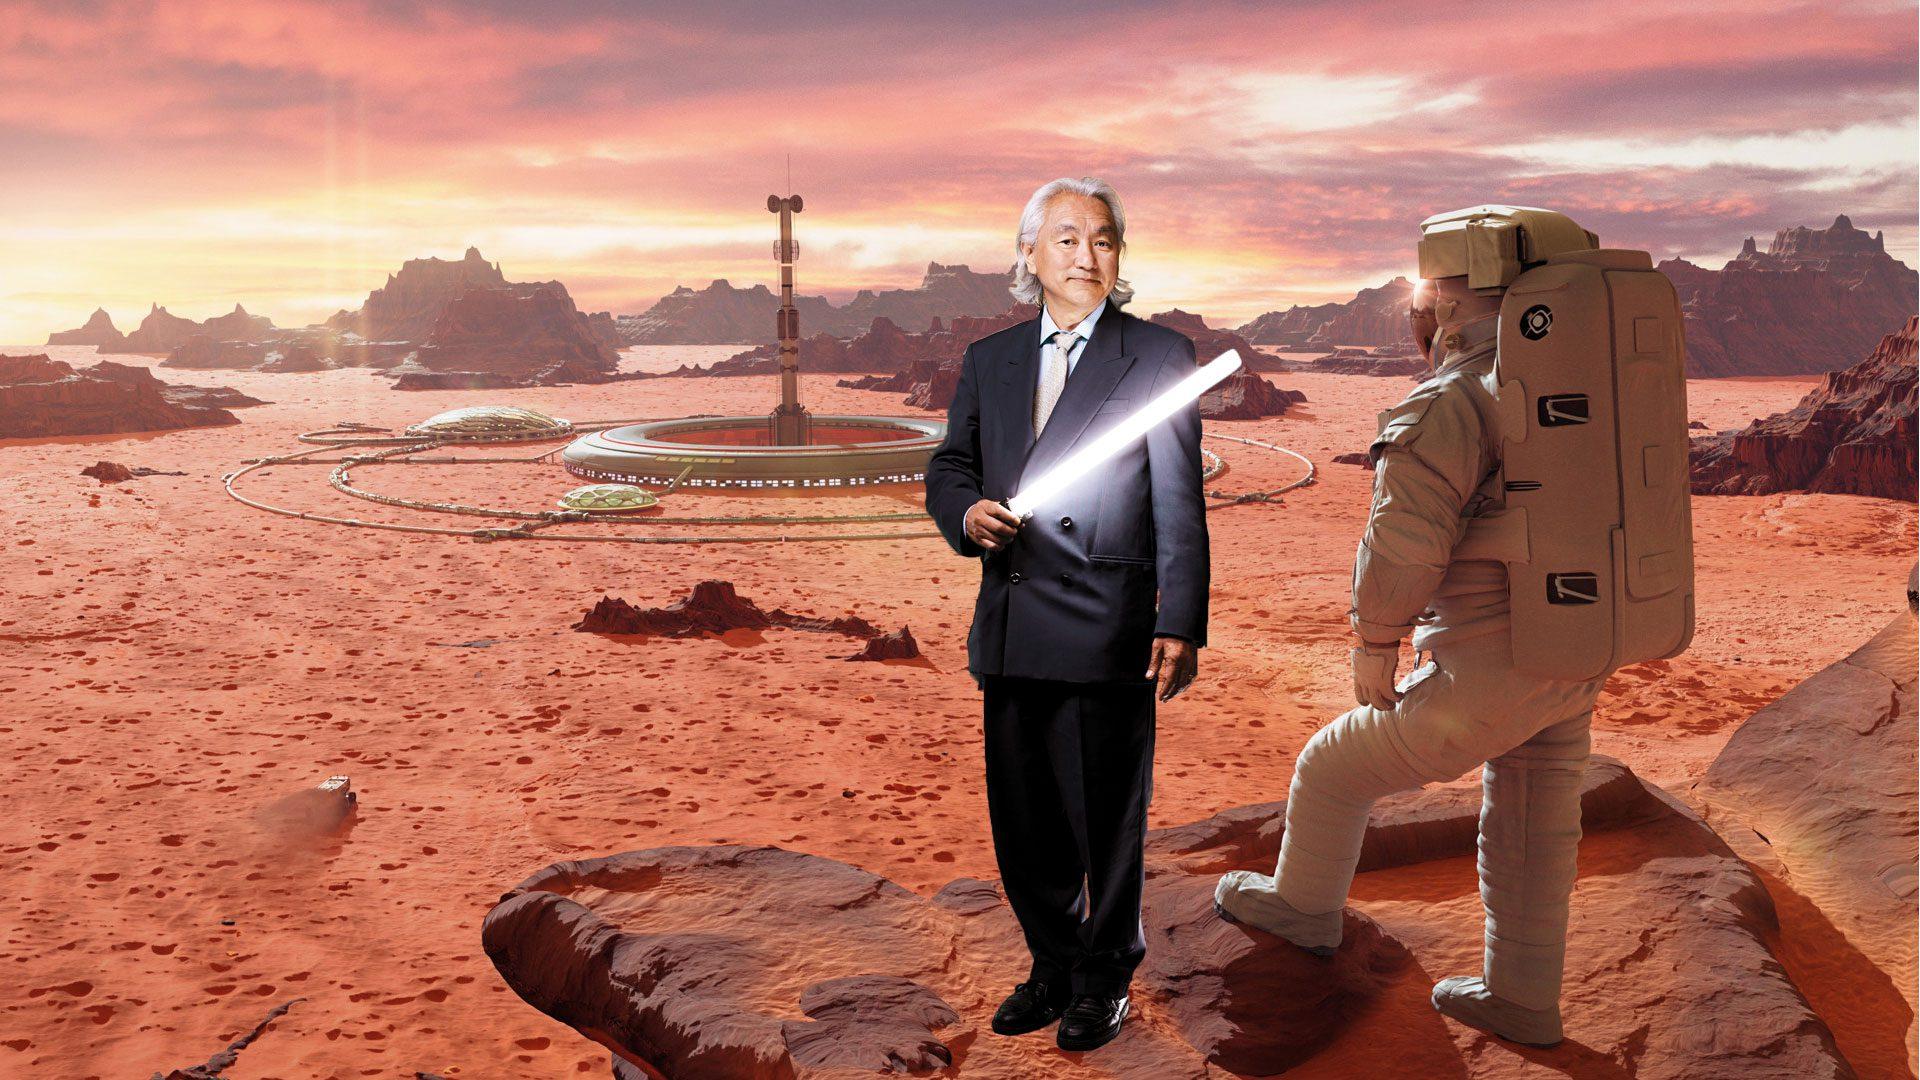 Ο Michio Kaku σε αποικία στον Άρη